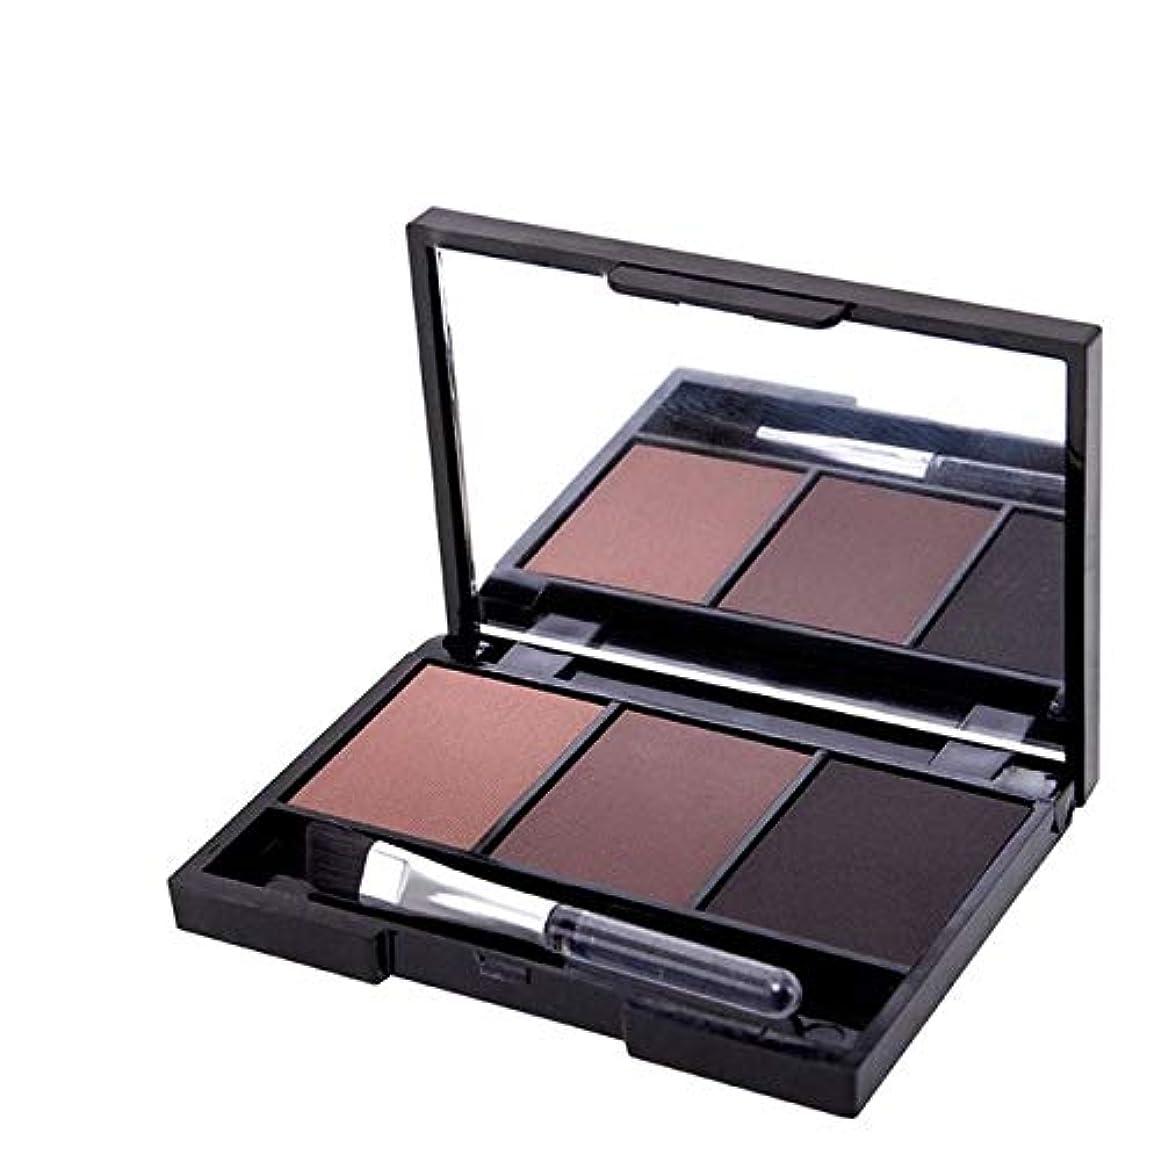 主流チェスダイバー健康と美容アイシャドウ プロフェッショナルキットロングラスティングアイブロウシャドウパレット、ソフトブラシとミラー付き(1) 化粧 (色 : 3)